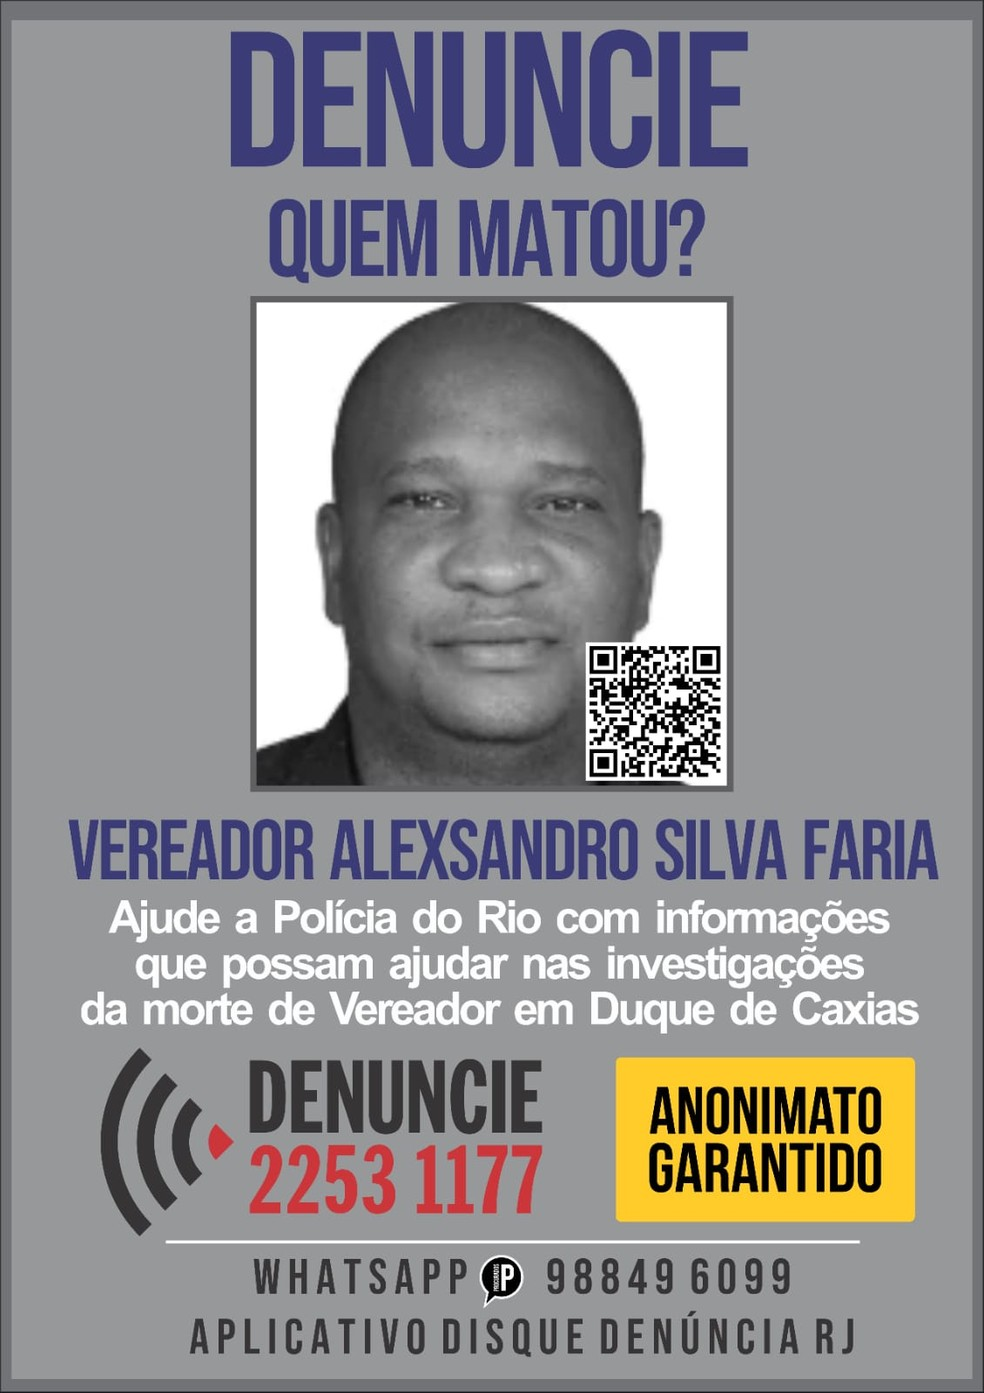 Portal dos Procurados divulga cartaz pedindo informações sobre a morte de Alexsandr Silva Faria, conhecido como Sandro do Sindicato — Foto: Divulgação/ Portal dos Procurados